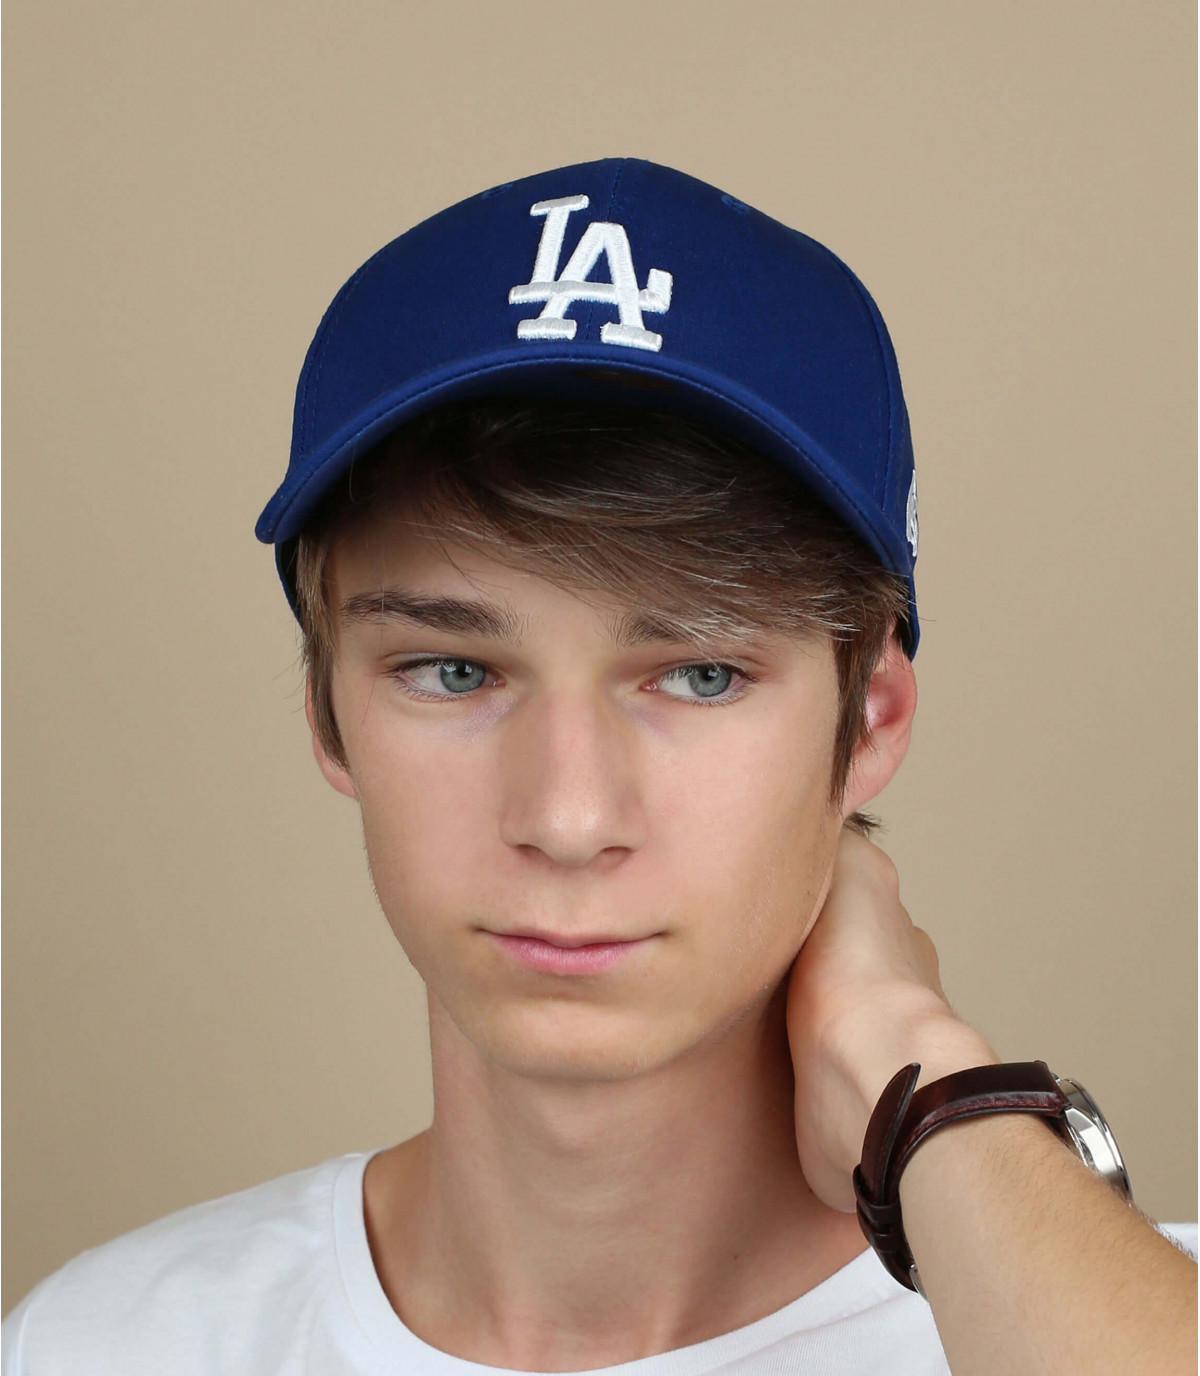 LA inclinación visera de gorra azul